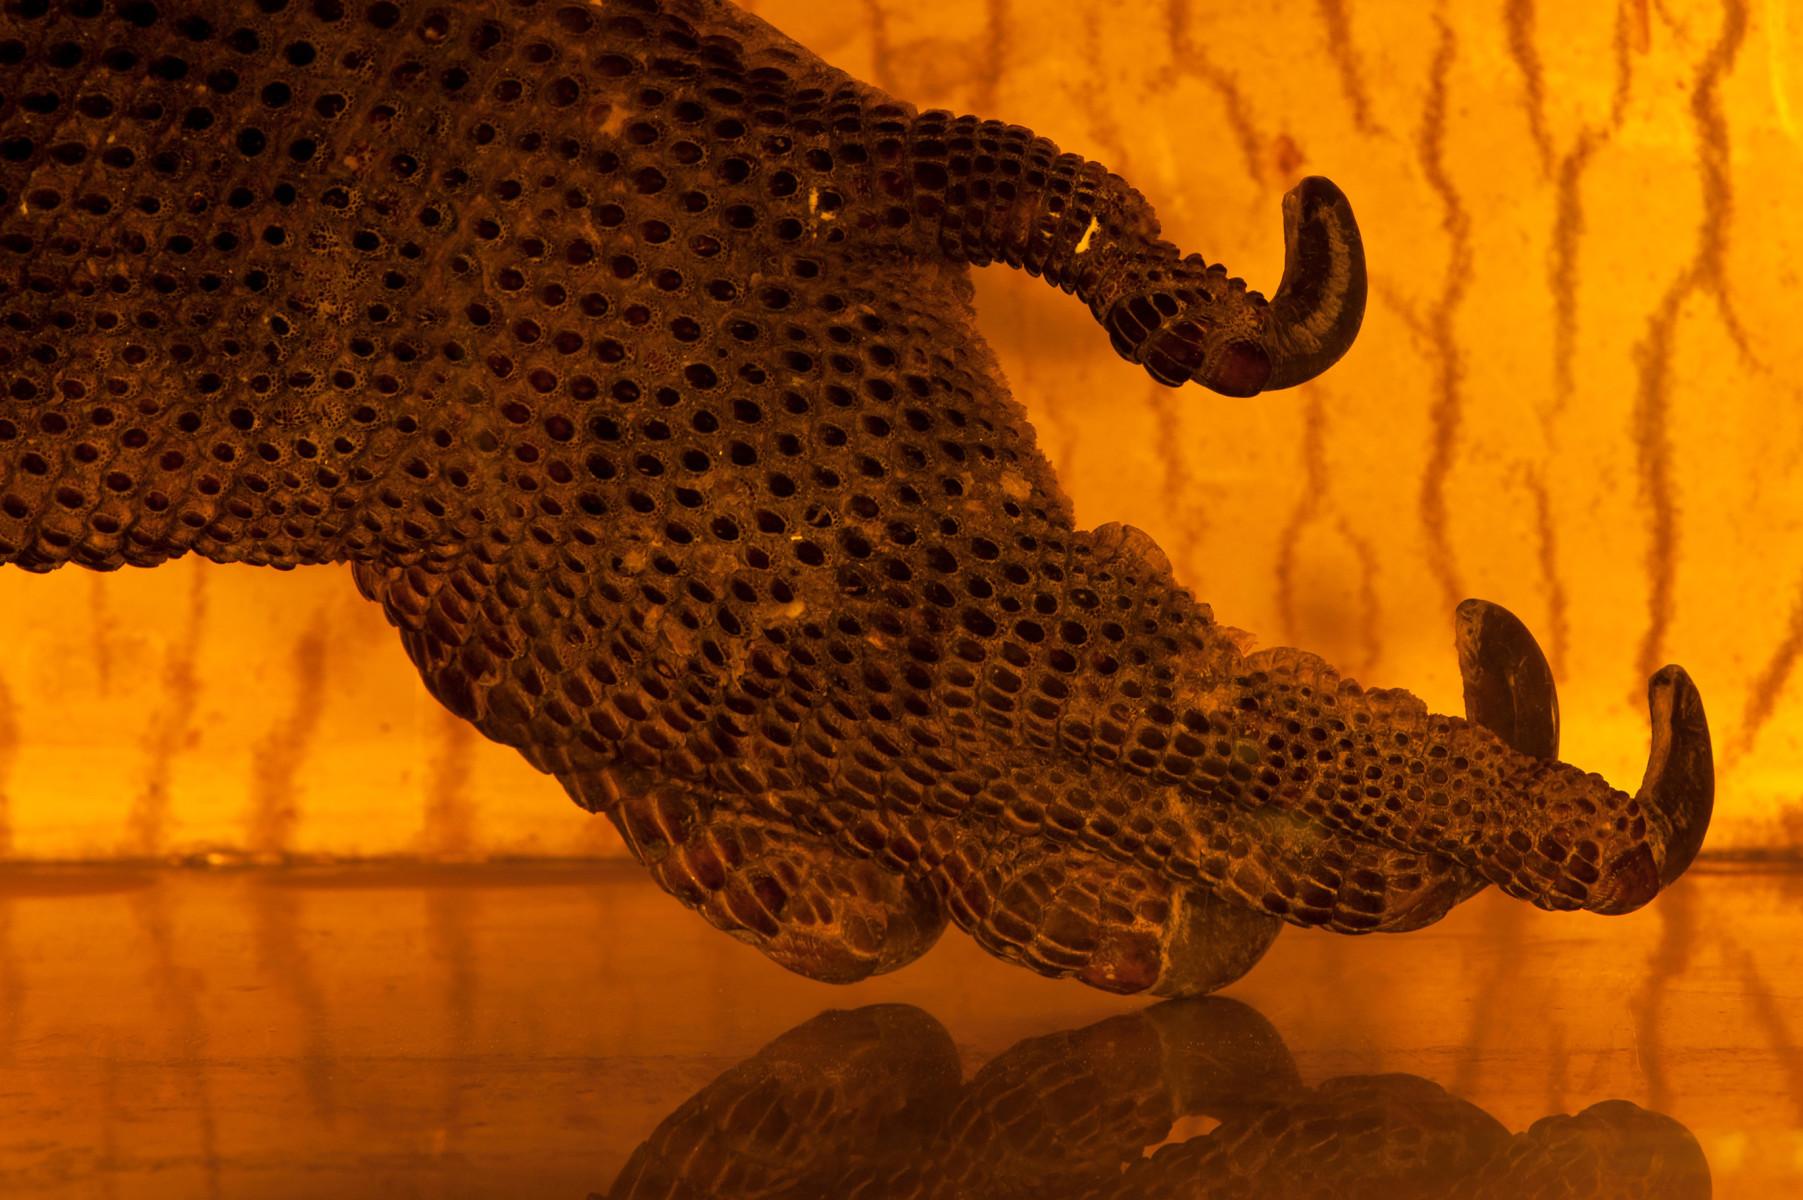 Komodo Dragon reptile Varanus komodoensis - Extinction